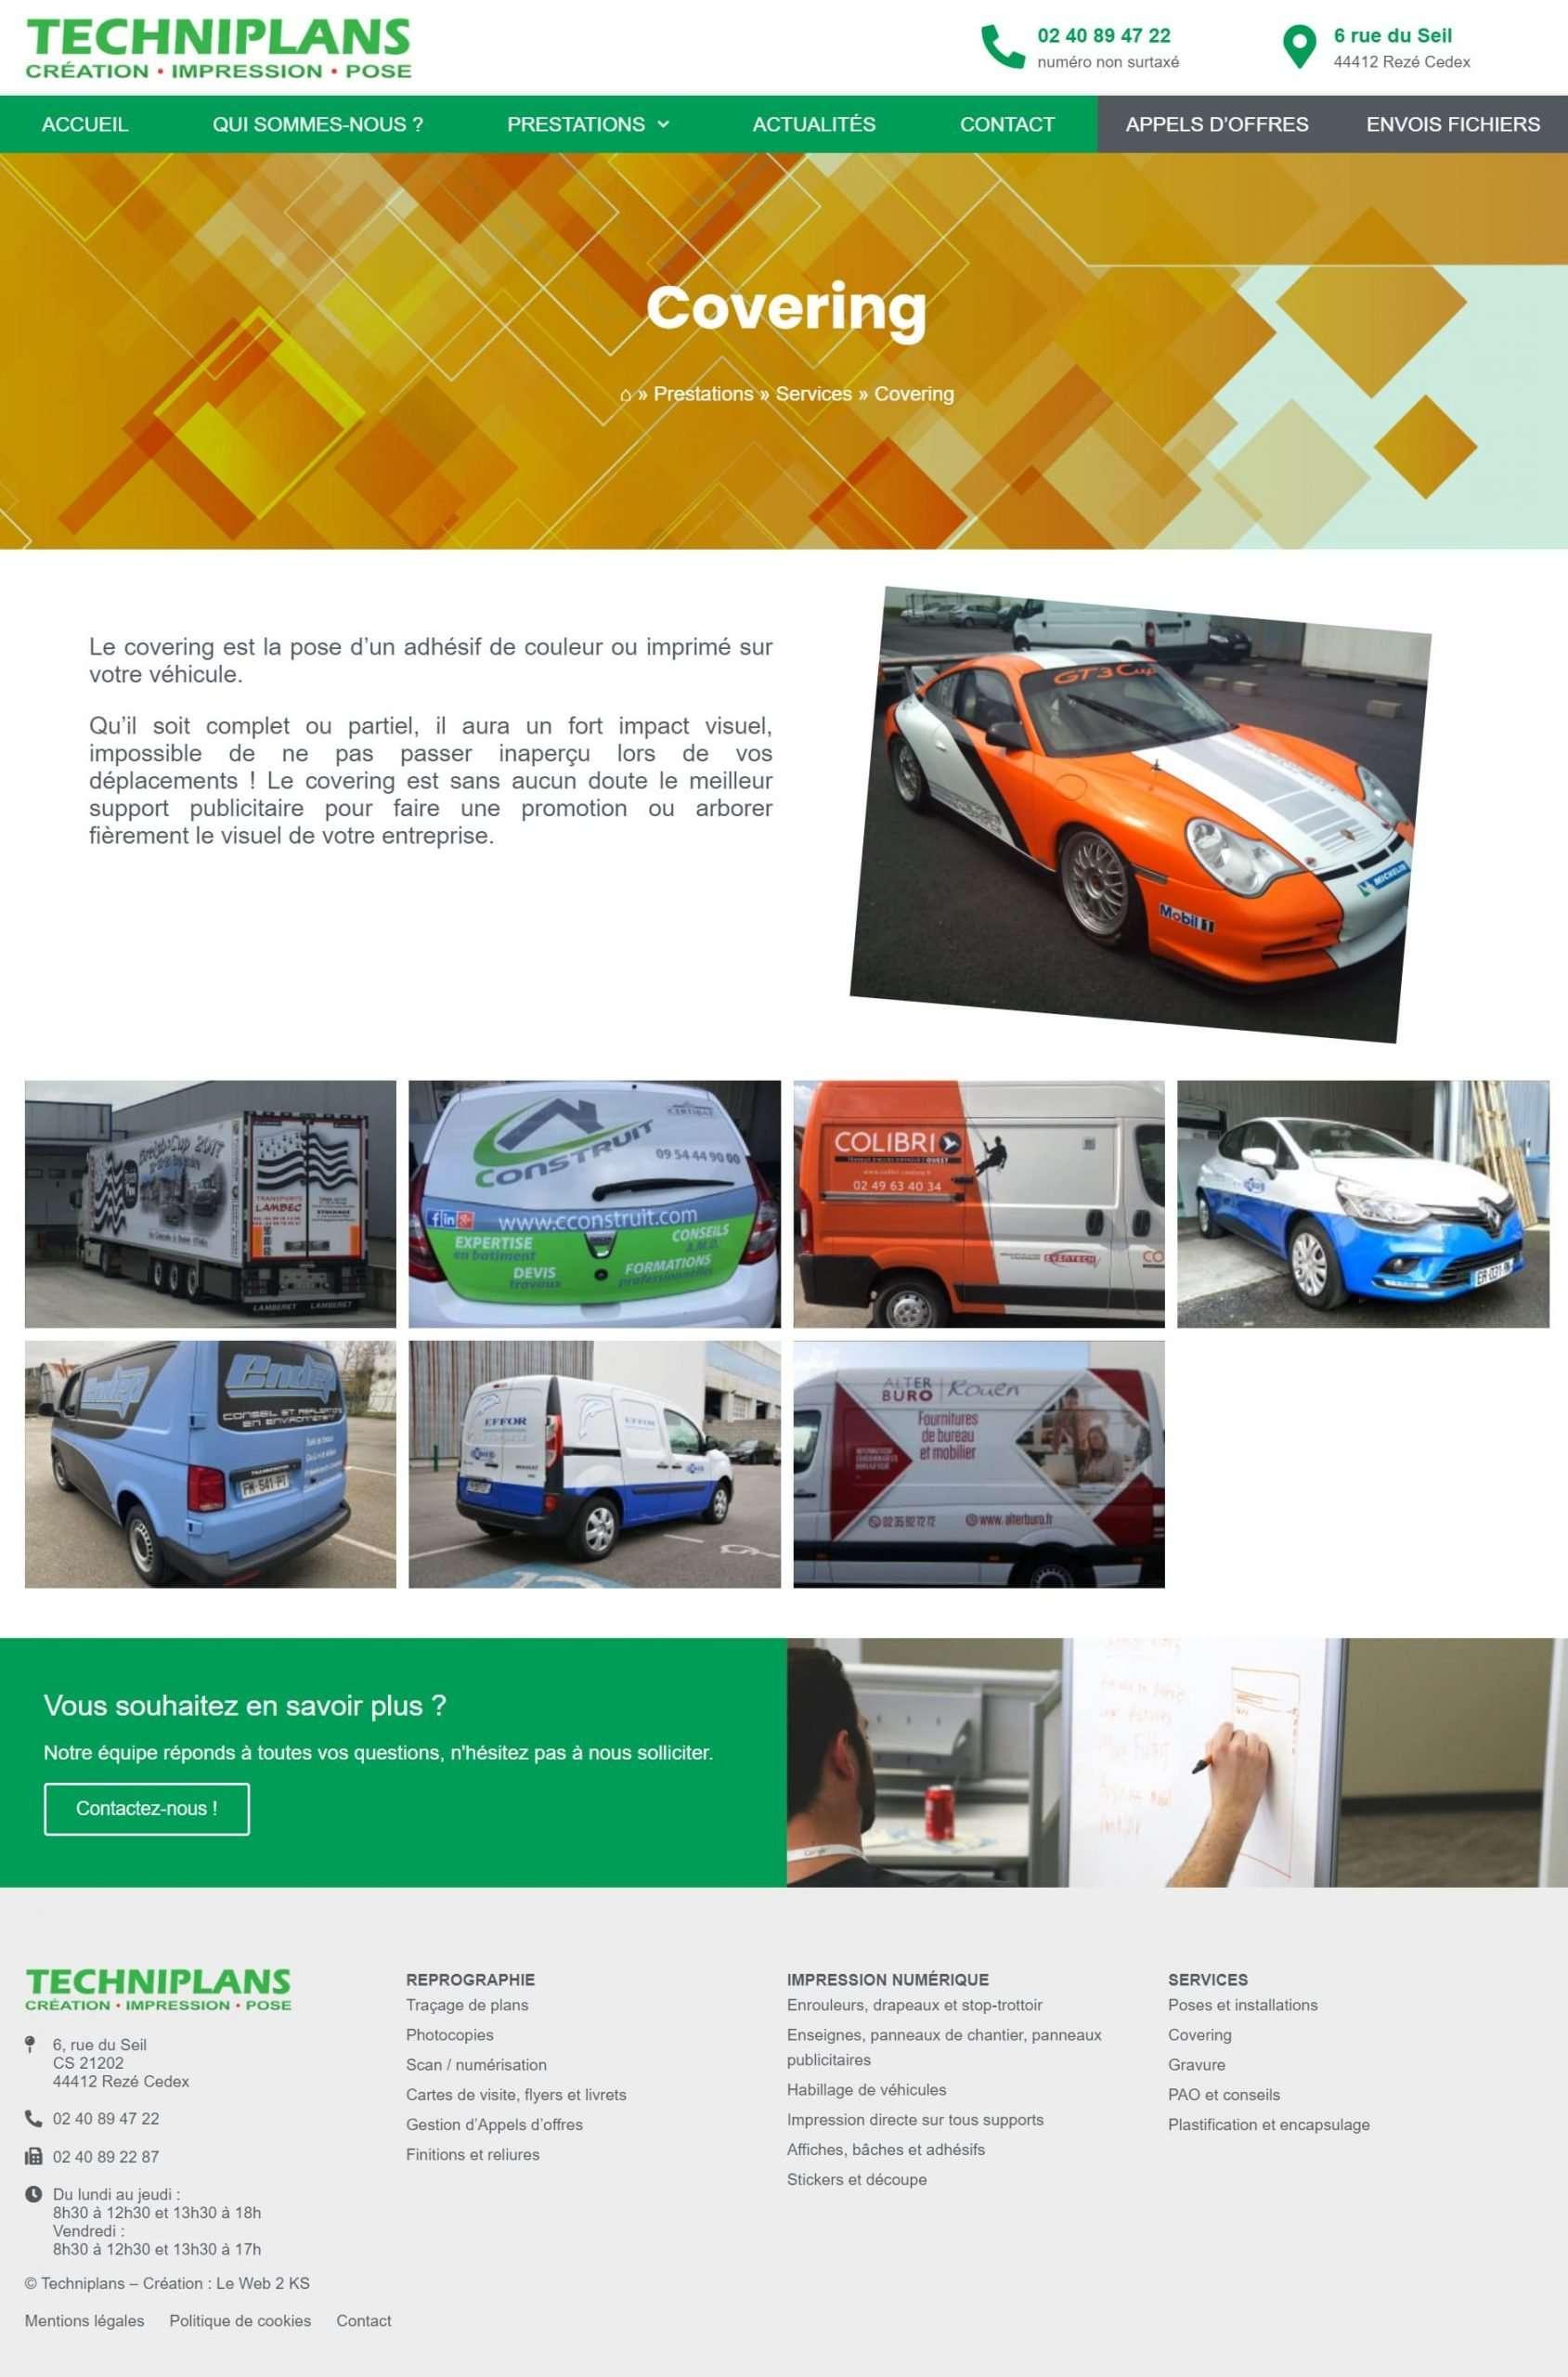 Page de présentation d'un prestation du site Techniplans